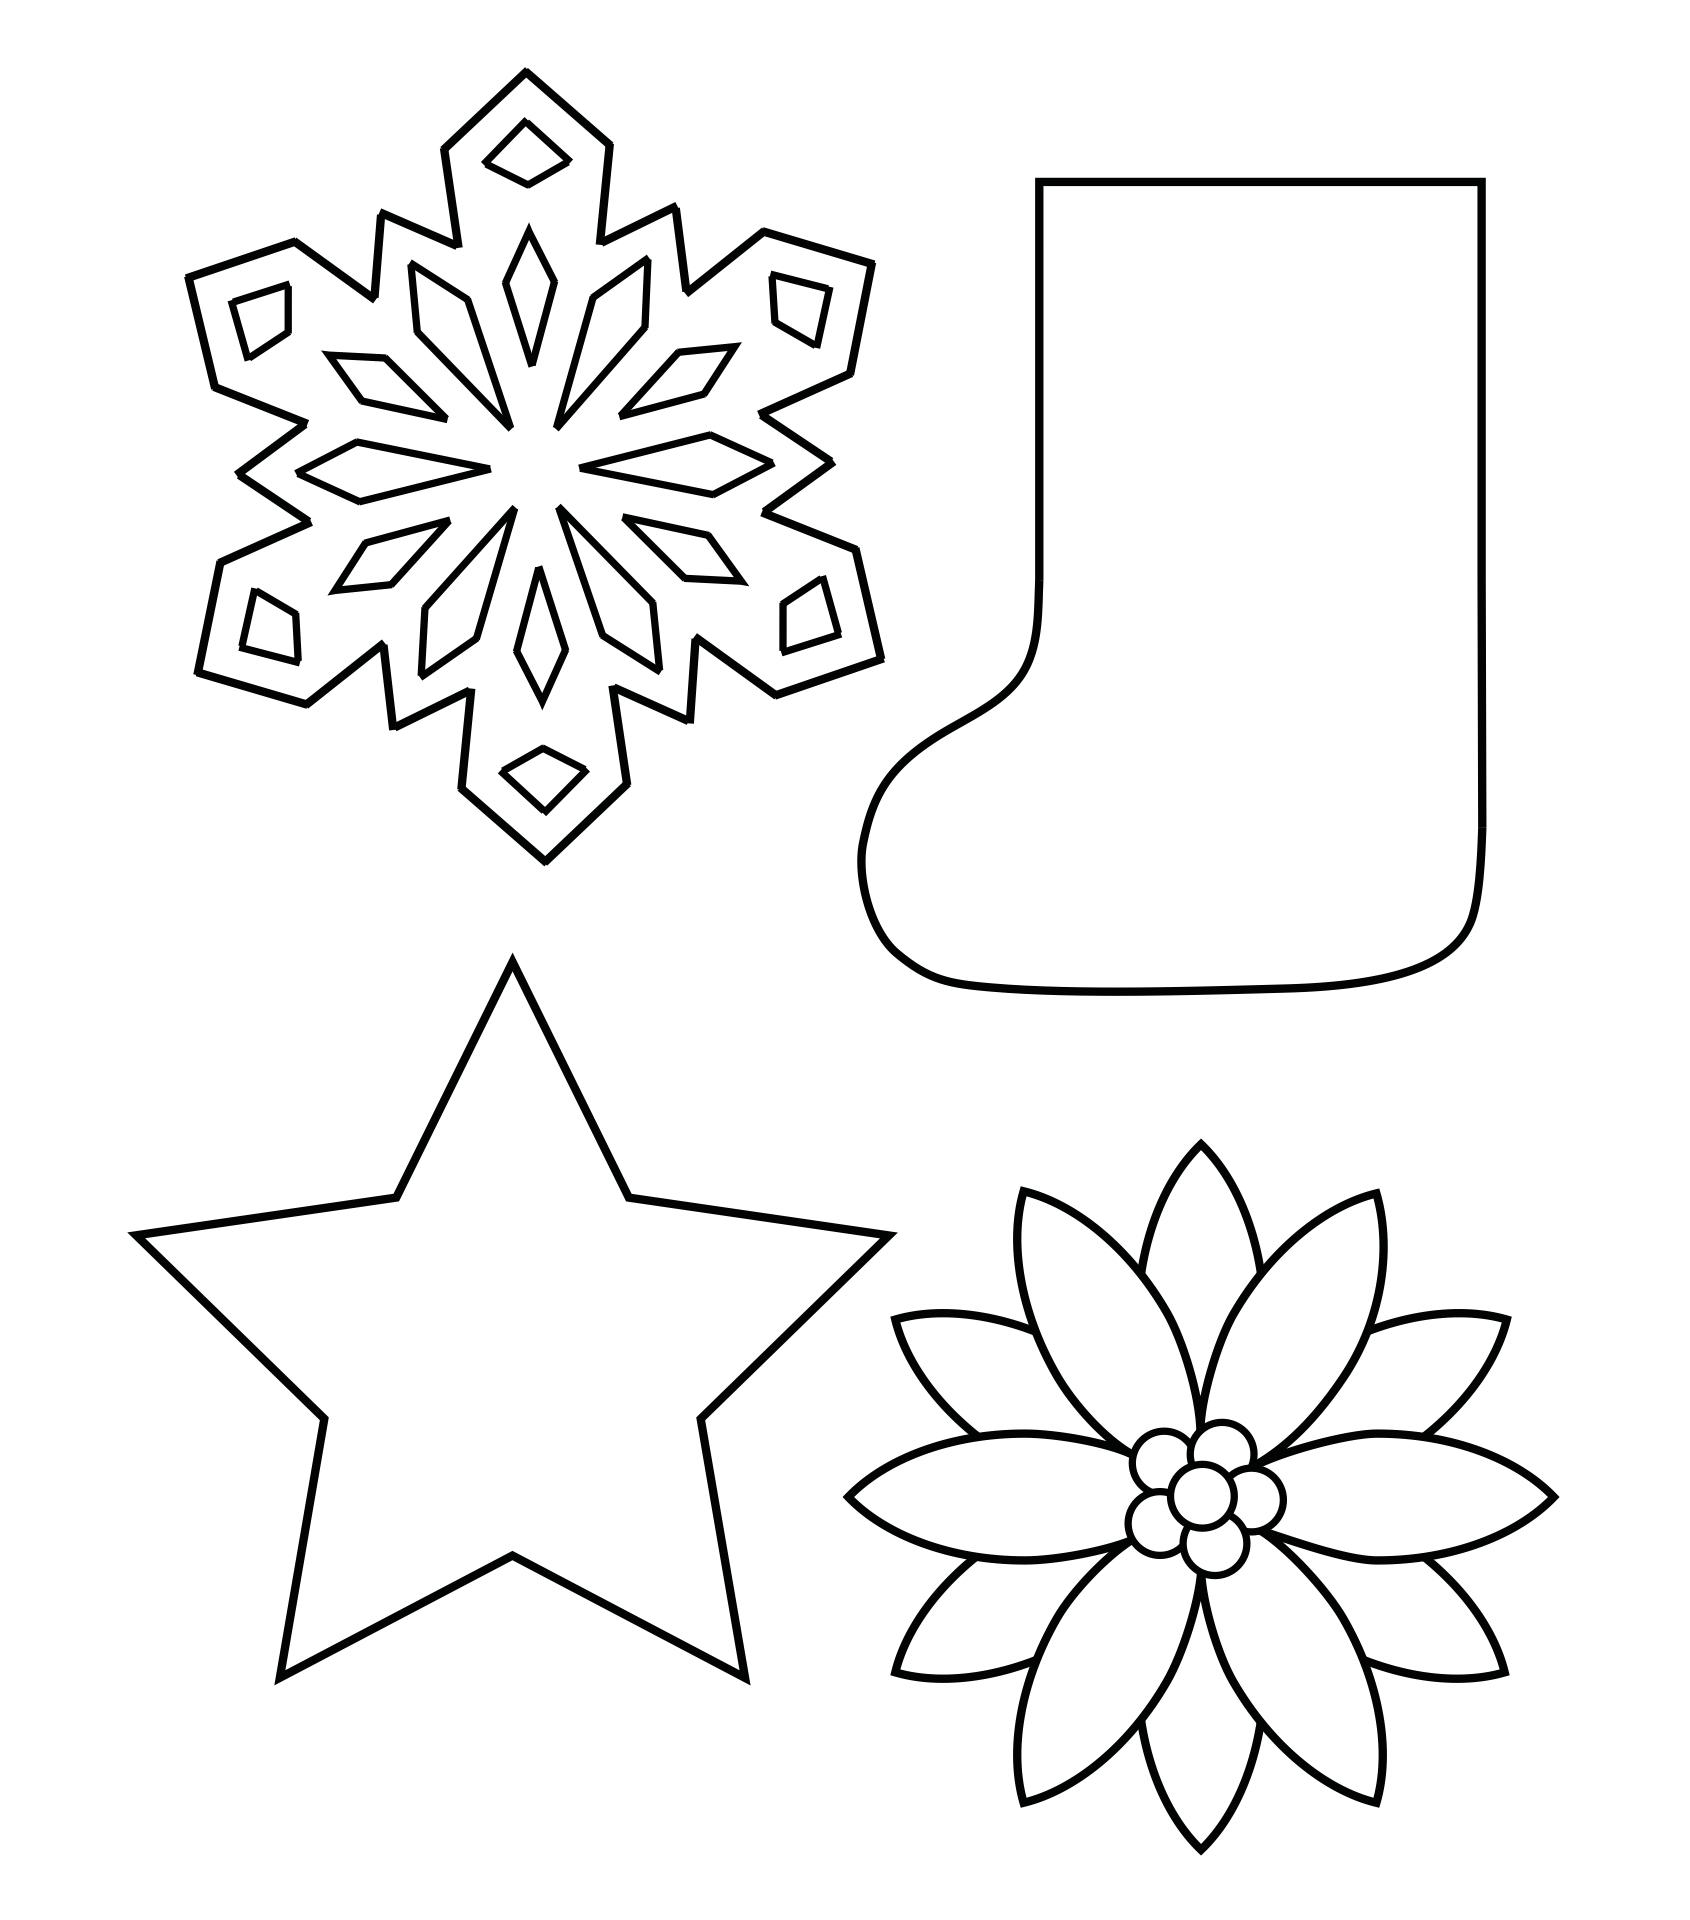 Printable Christmas Shapes Template